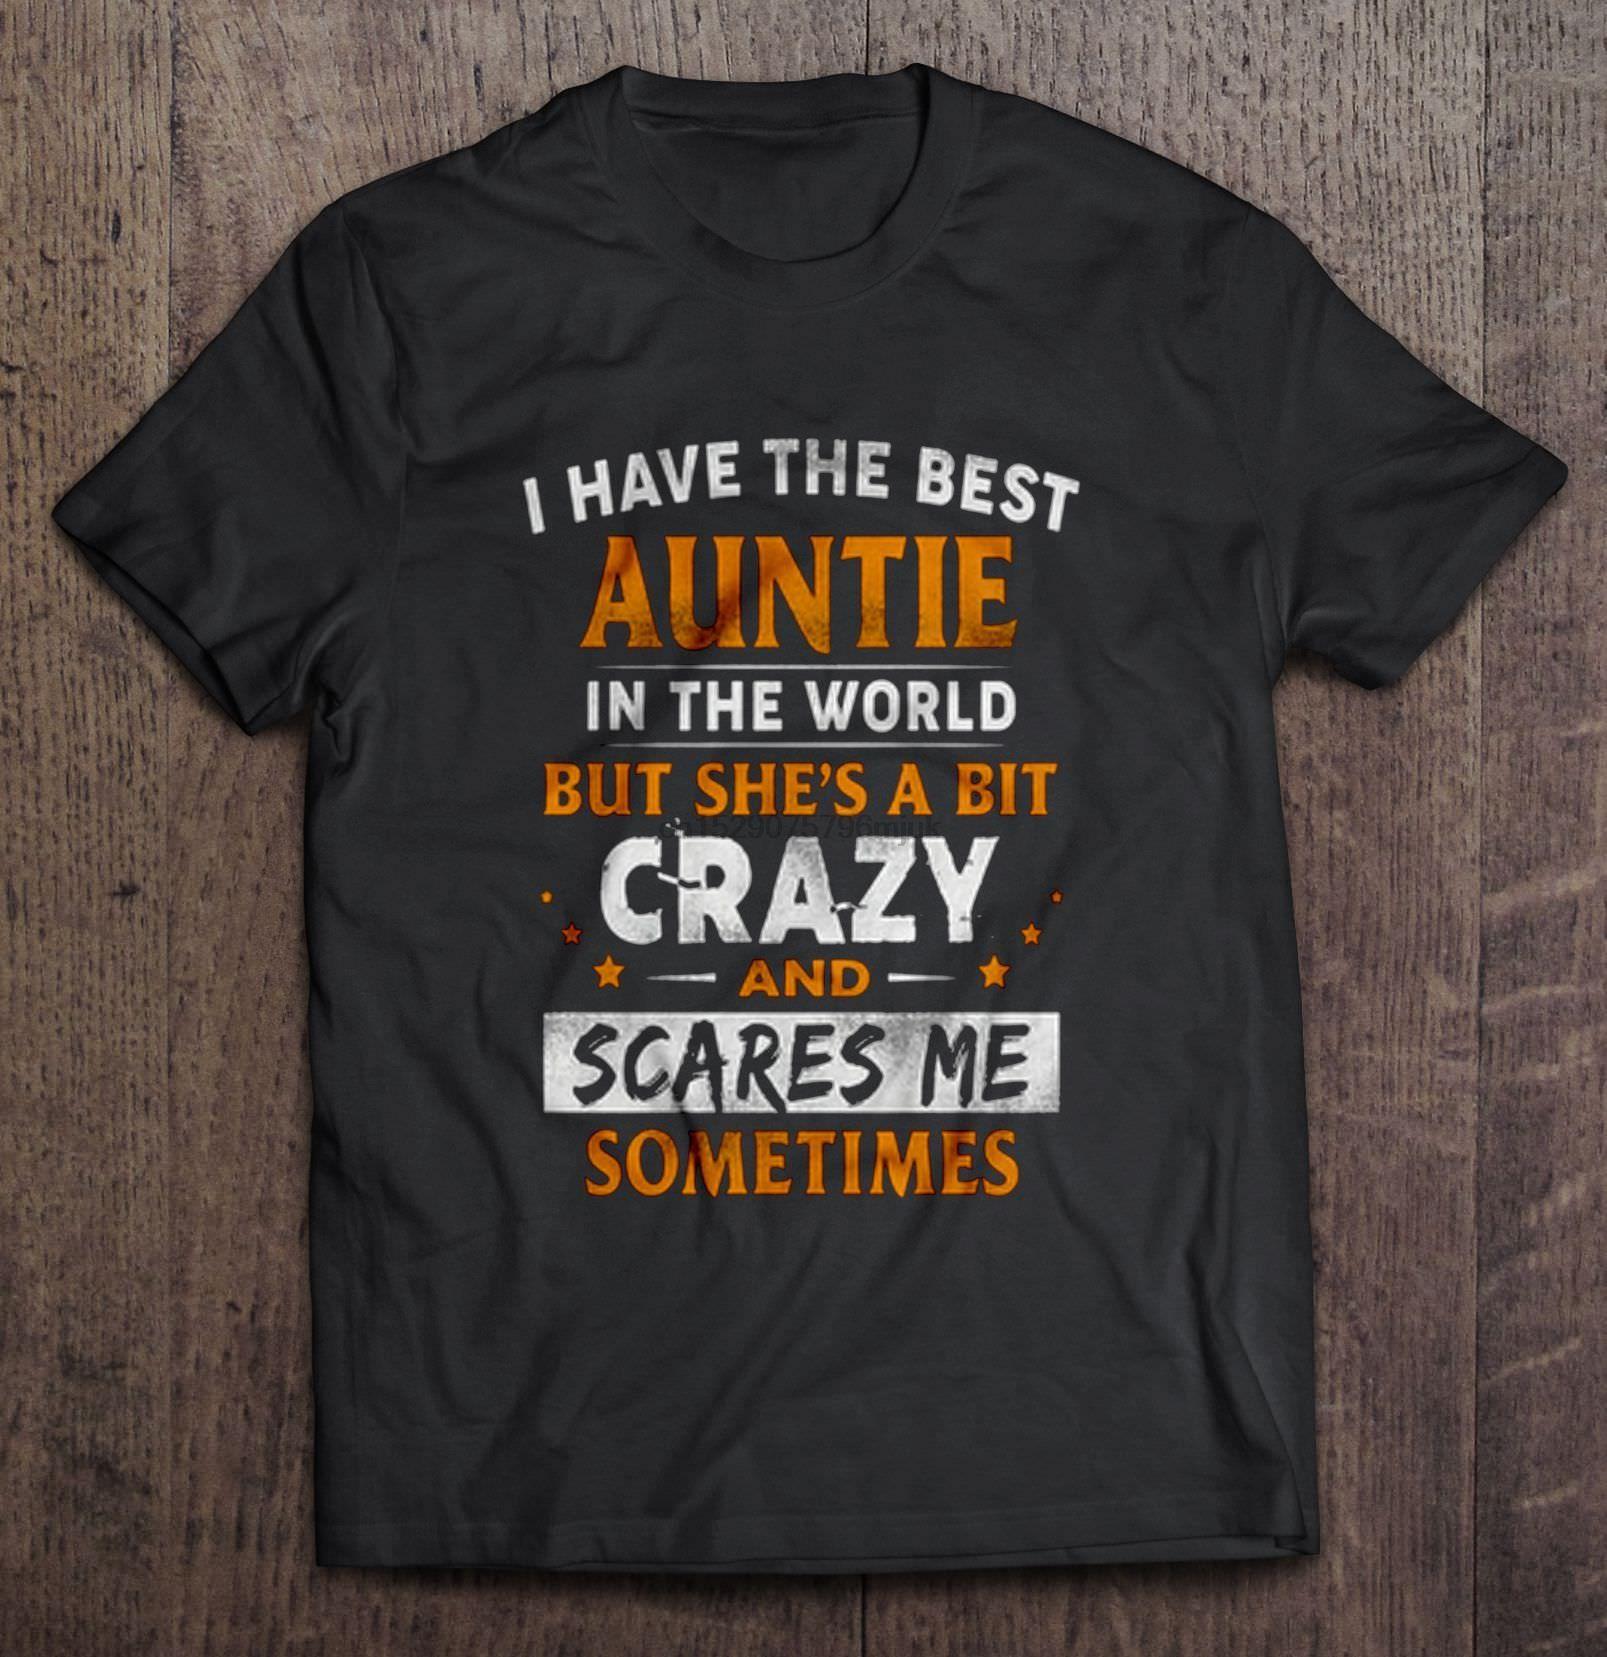 Она немного мира, но Мужчины футболку Сумасшедший и пугает Я имею Me Иногда женщины Лучший Тетушка В футболку